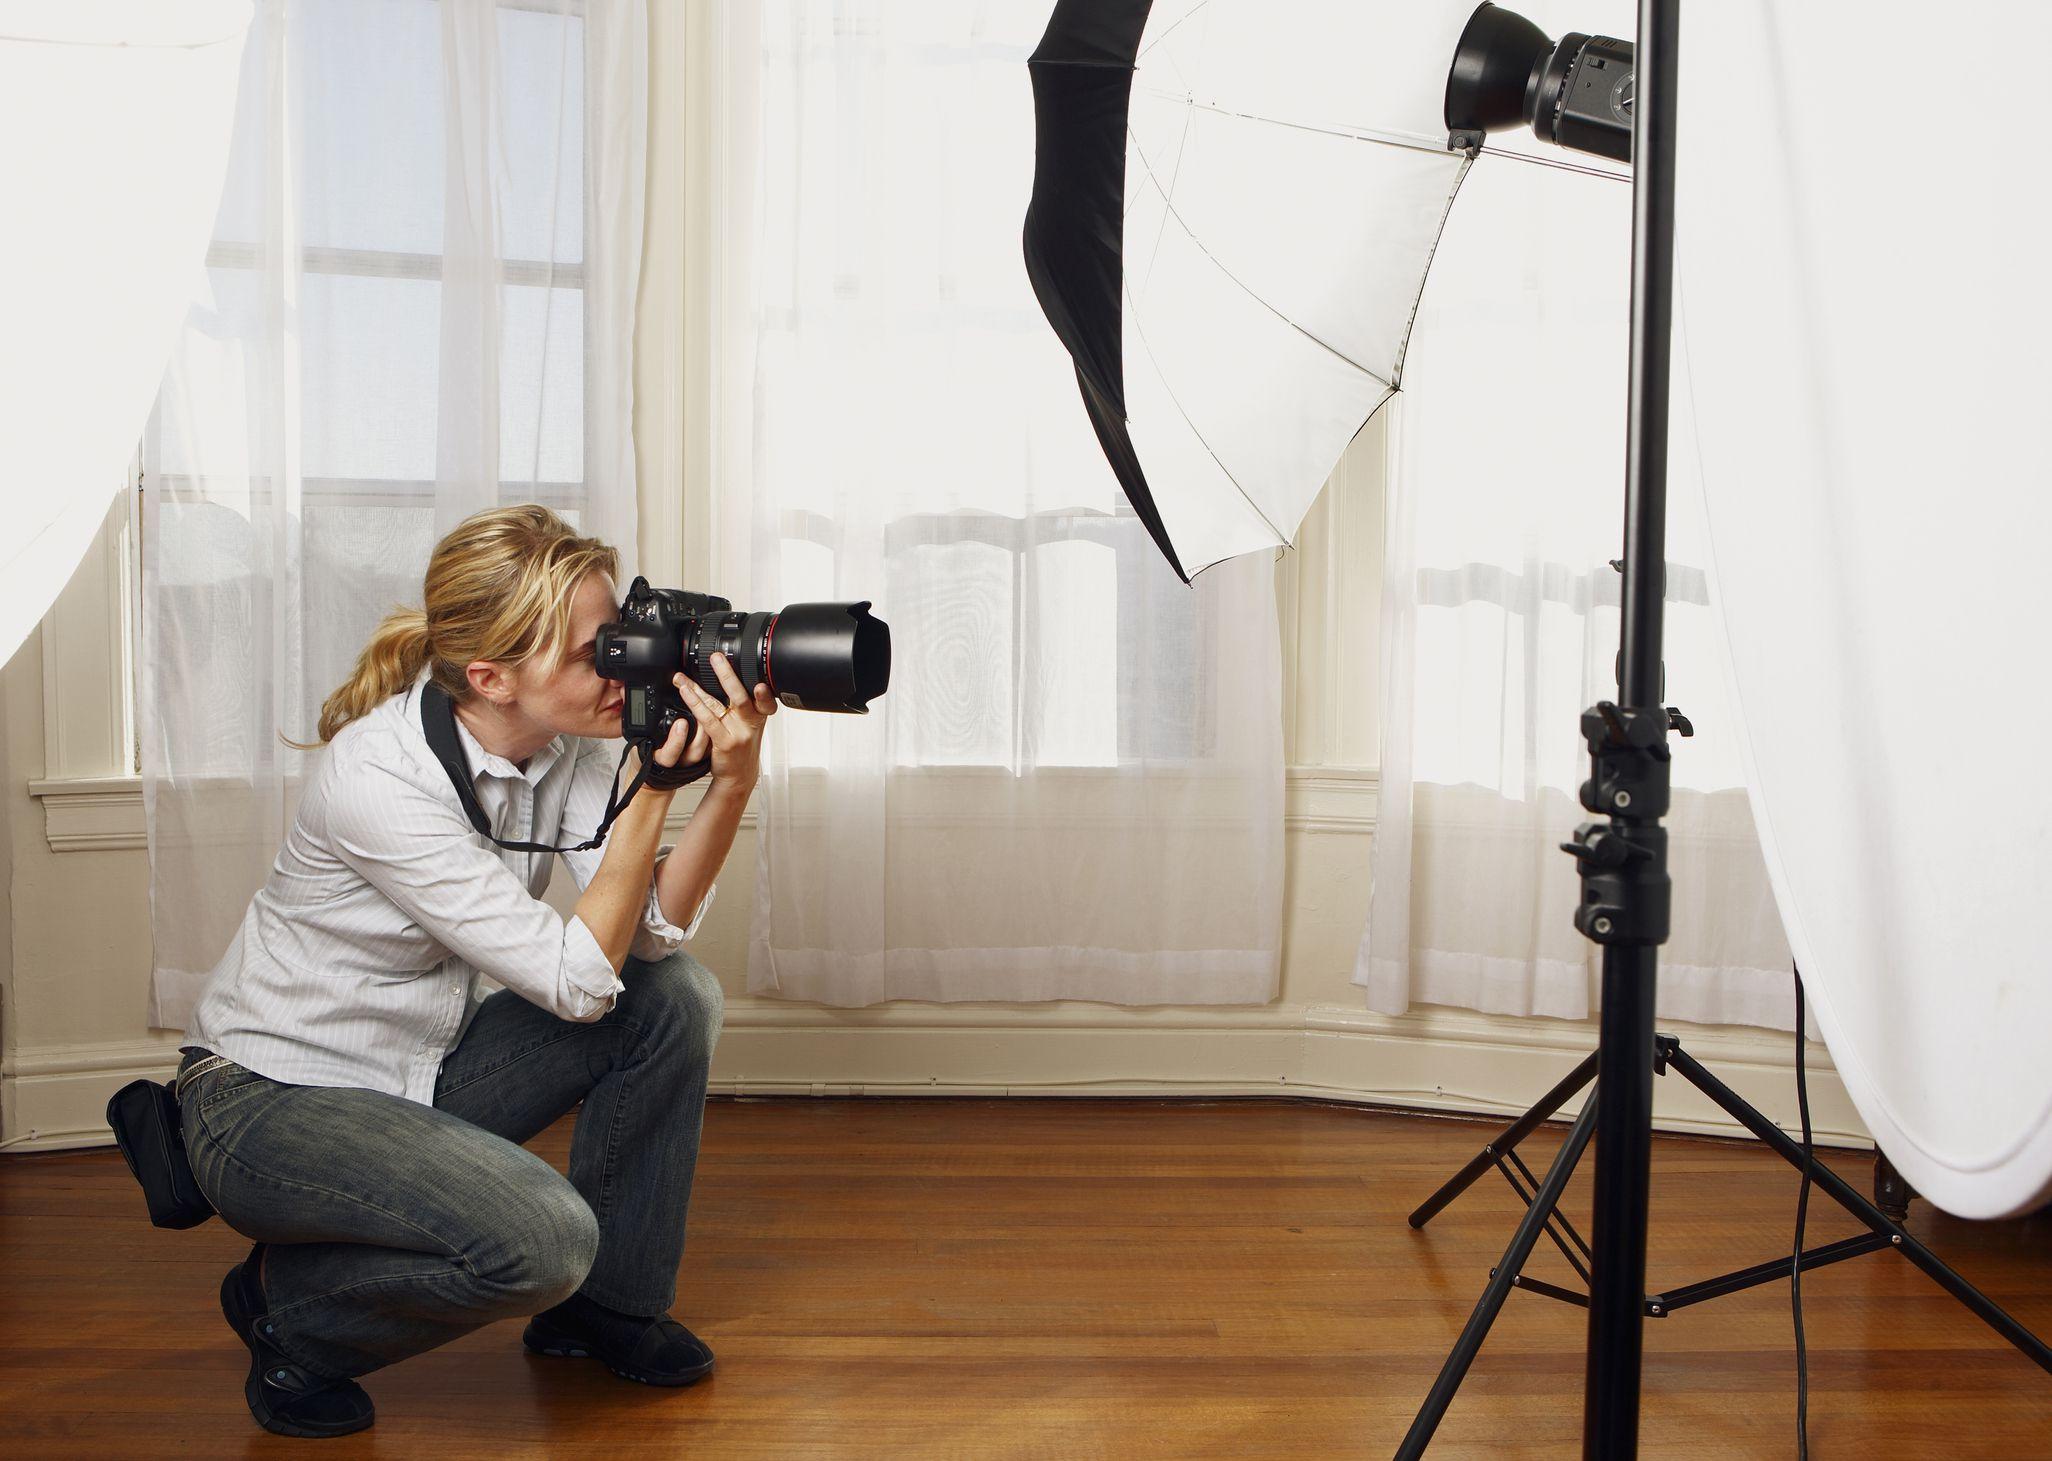 Startkapital für Ihr Fotografie-Geschäft sichern